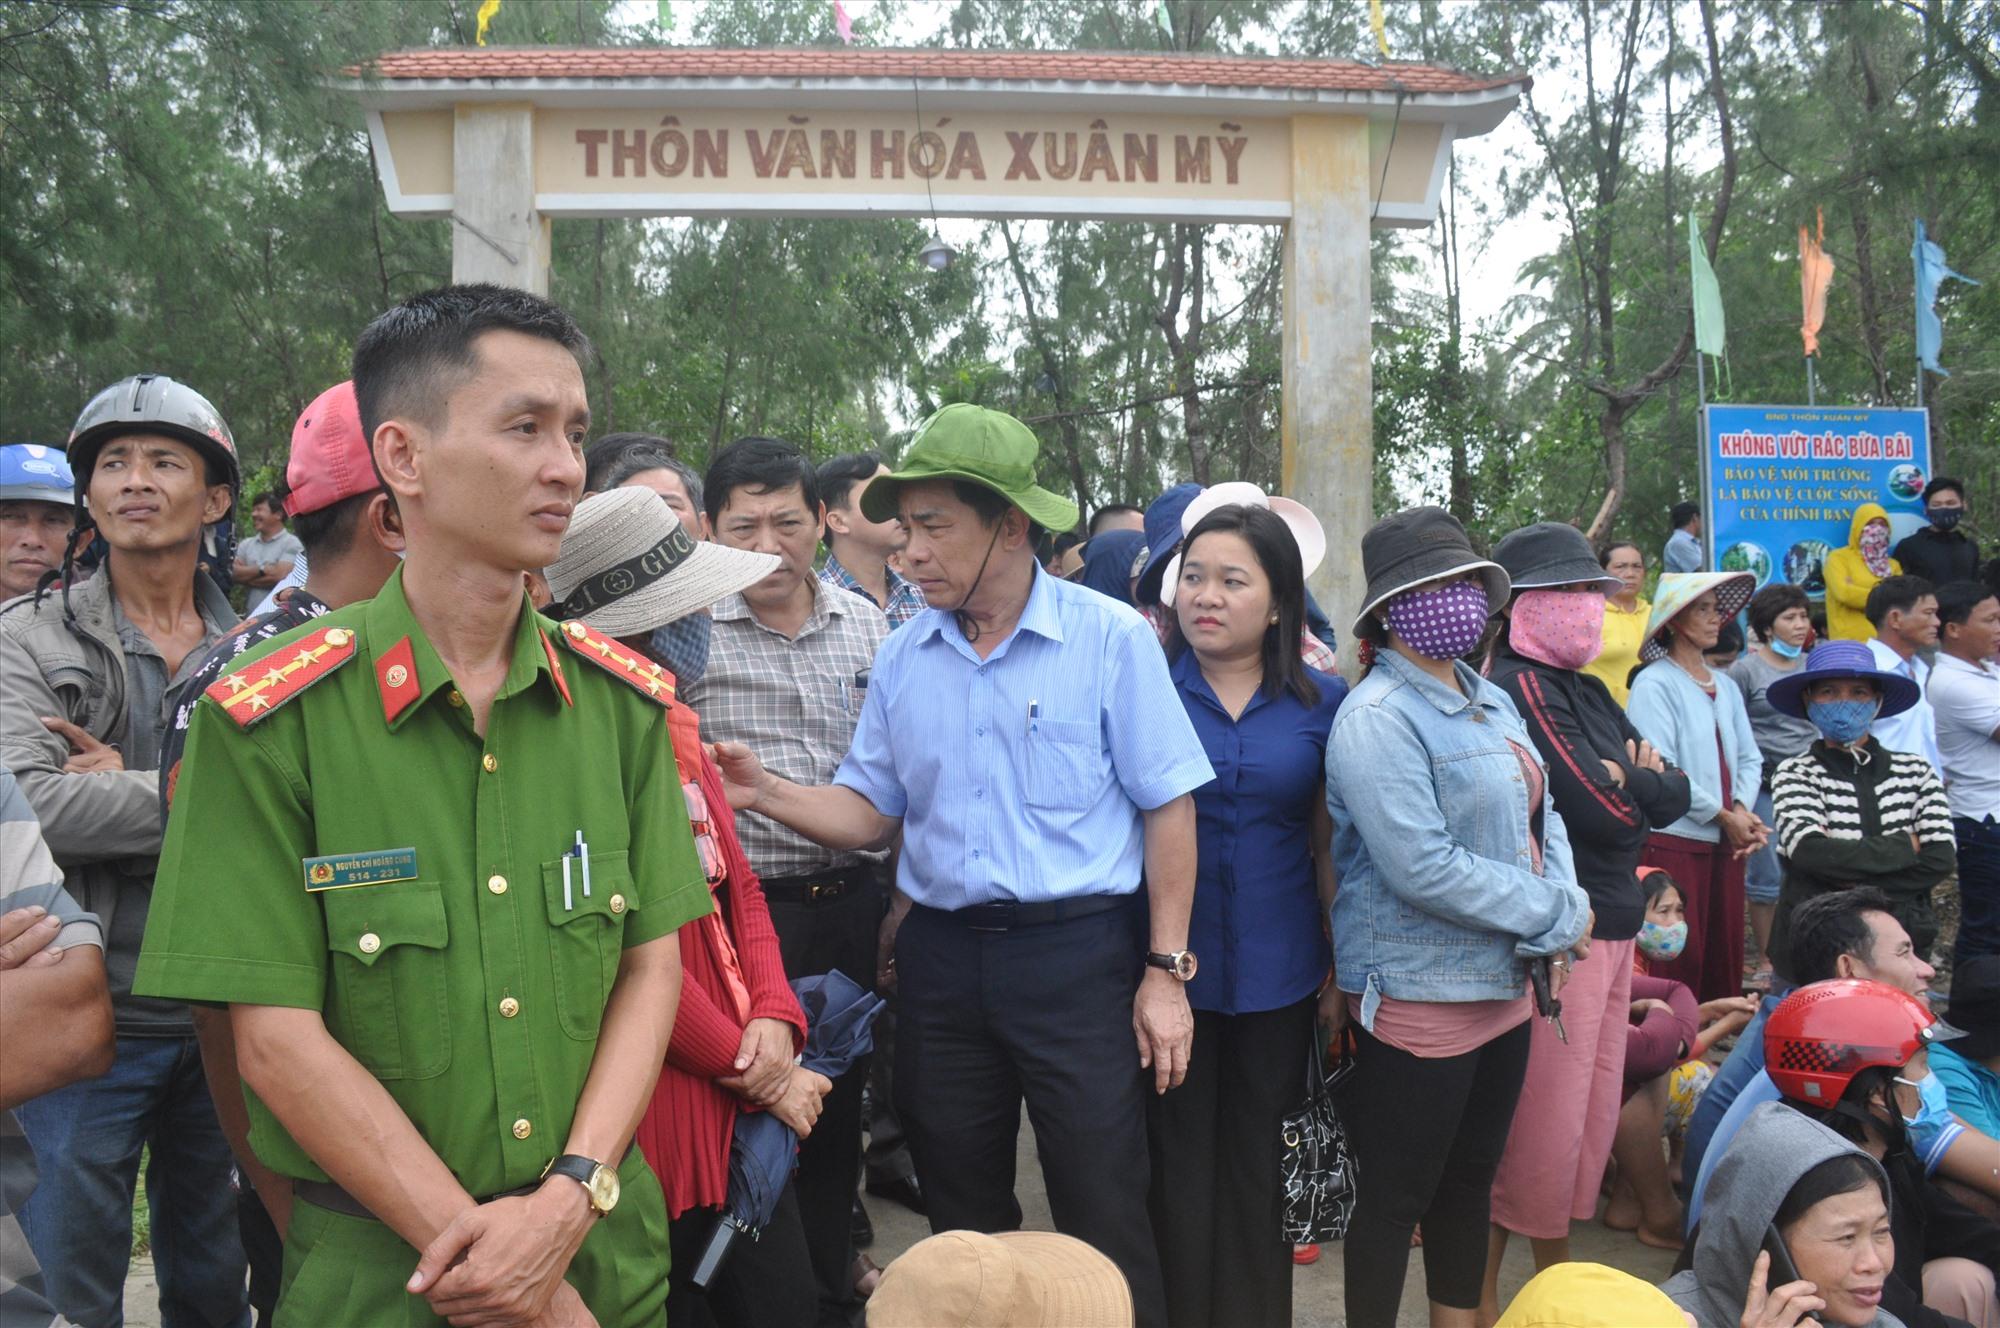 Đồng chí Lê Văn Dũng đến theo dõi công tác tìm kiếm nạn nhân còn lại và trao đổi với người dân địa phương về tình hình mưa lũ vừa qua. Ảnh: N.Đ